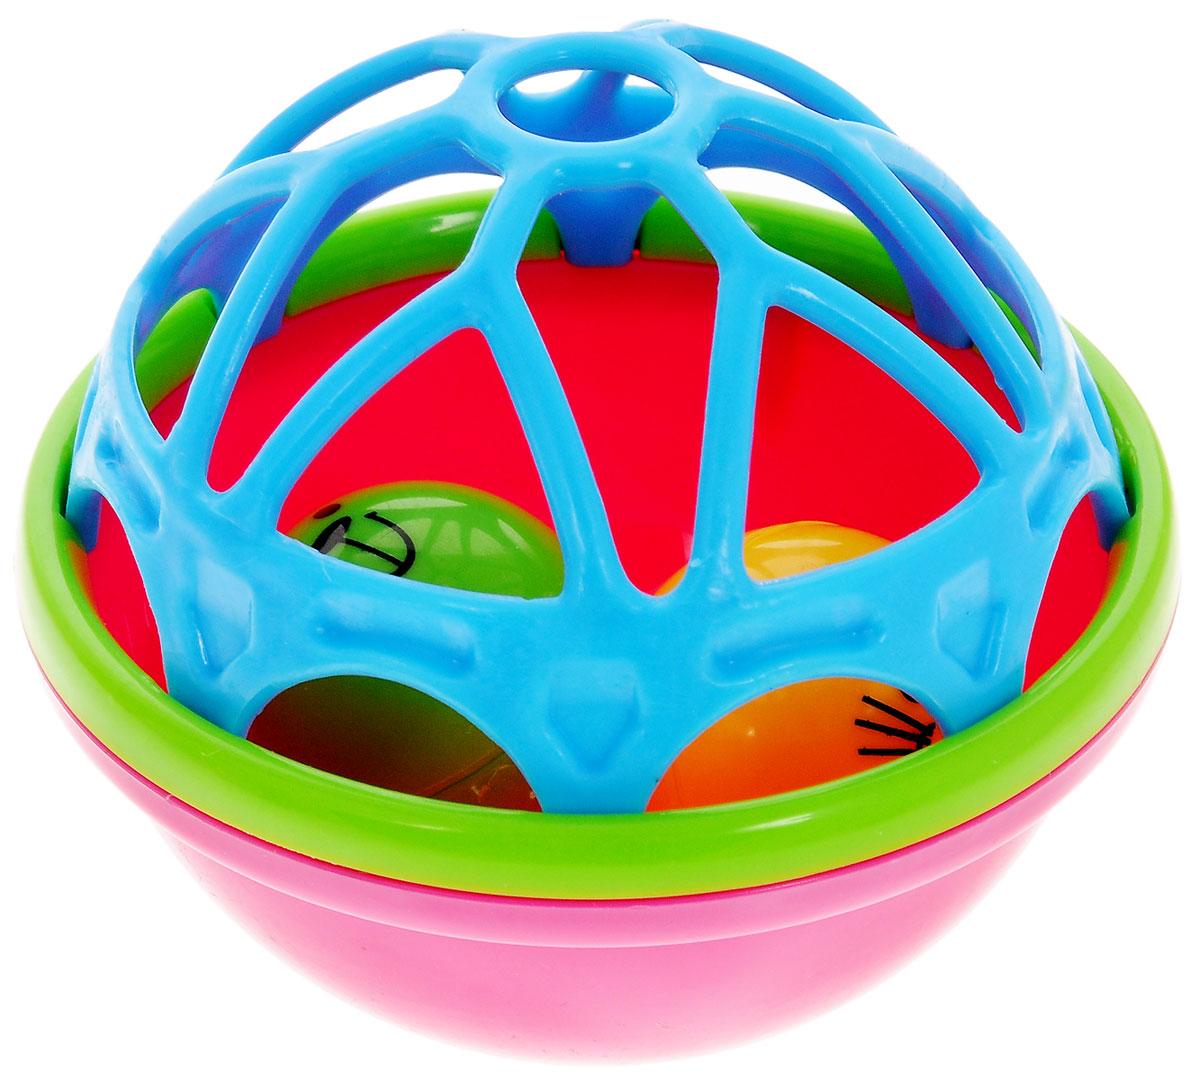 Mioshi Погремушка для ванной Лучшие друзья цвет голубой розовыйTY9066С красочной погремушкой Лучшие друзья повседневное купание в ванной превратится для малышей в веселую забаву со всевозможными игровыми возможностями! Забавные гремящие звуки издают шарики, вращающиеся в центре погремушки. Игрушка приятна на ощупь и имеет удобную для захвата маленькими пальчиками эргономичную форму. Игрушки от Mioshi помогают малышам быстрее приспосабливаться к водной среде, а процесс принятия водных процедур делают веселым и увлекательным. Игра с погремушкой способствует развитию мелкой моторики, восприятия формы и цвета предметов, а также слуха и зрения. Выполнена погремушка из прочного, экологически чистого и высококачественного материала, абсолютно безопасного для детской игры.